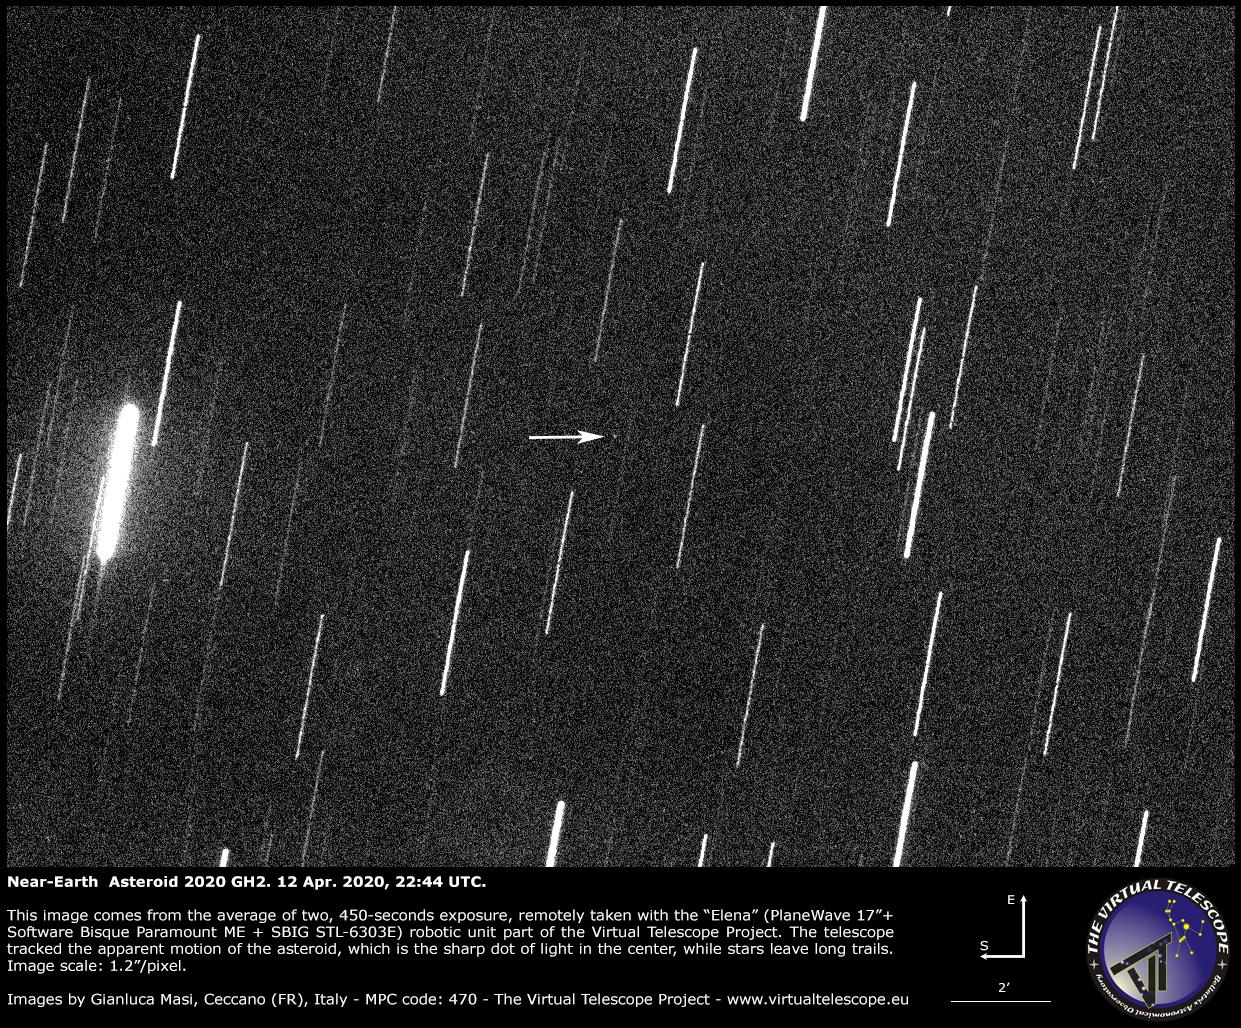 Near-Earth Asteroid 2020 GH2. 12 Apr. 2020, 22:44 UTC.